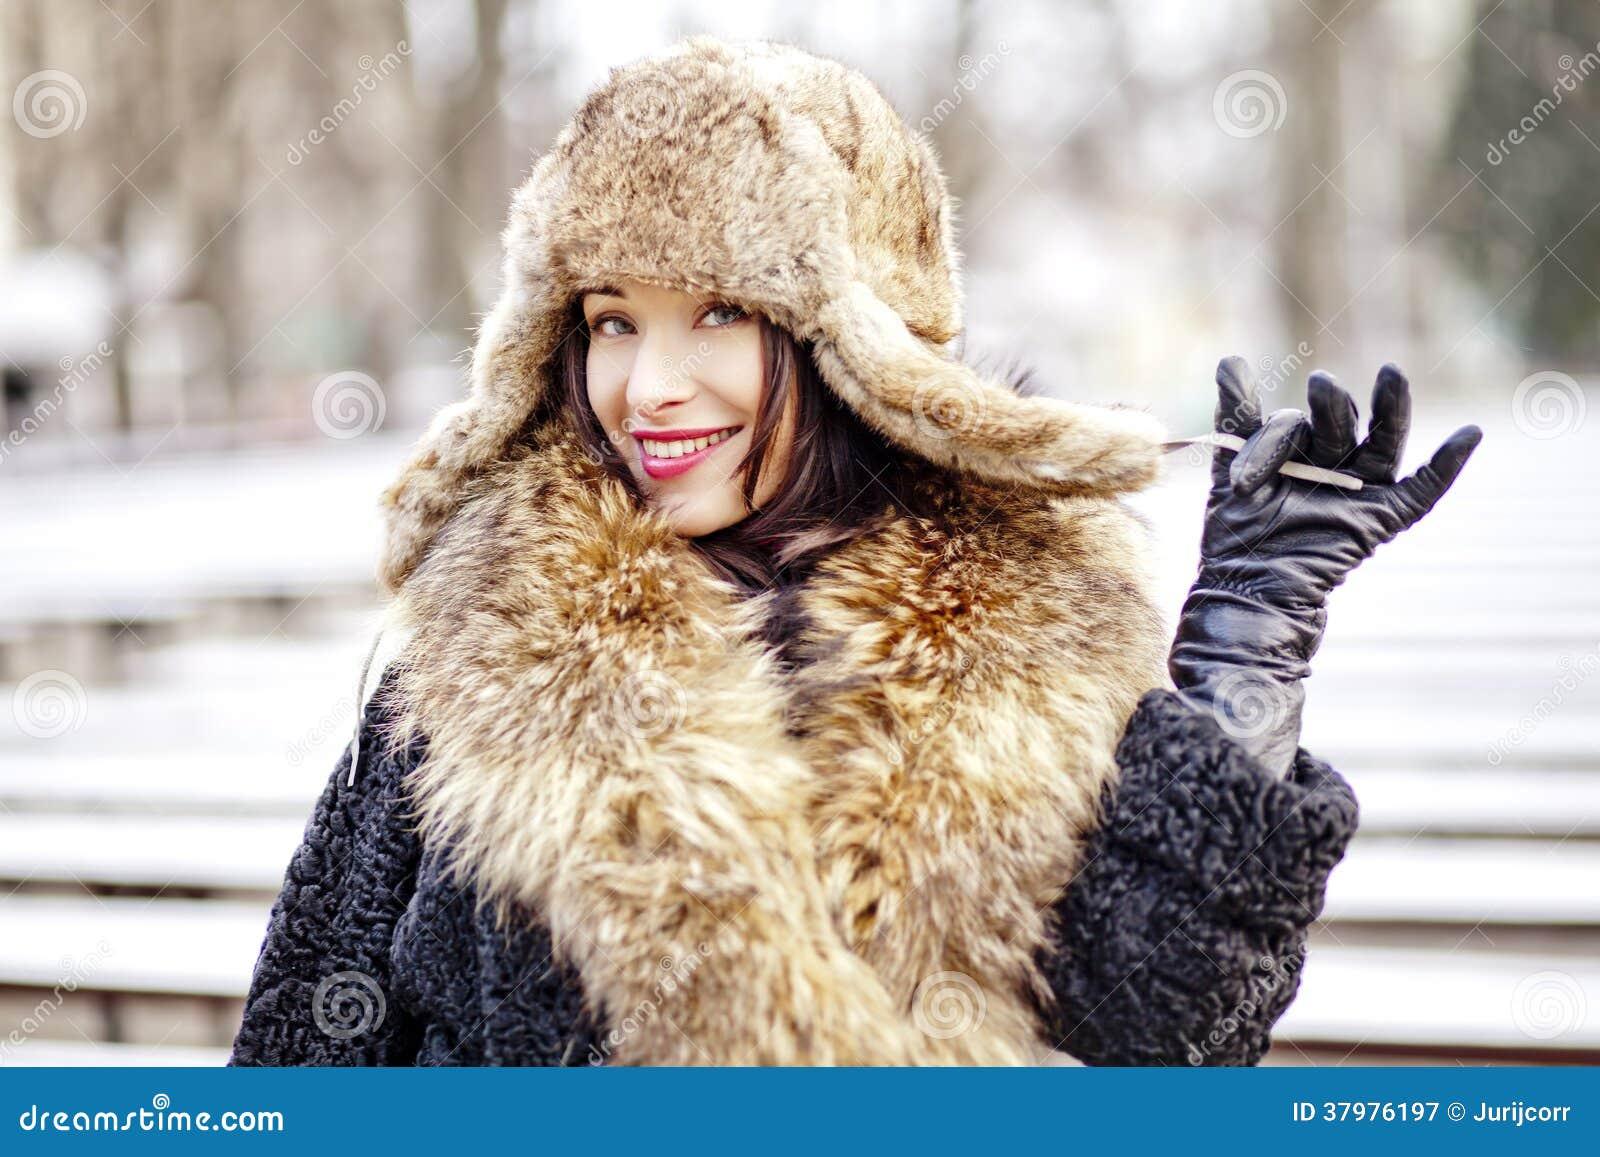 Ladies Exclusive Downloads Russian Women 58